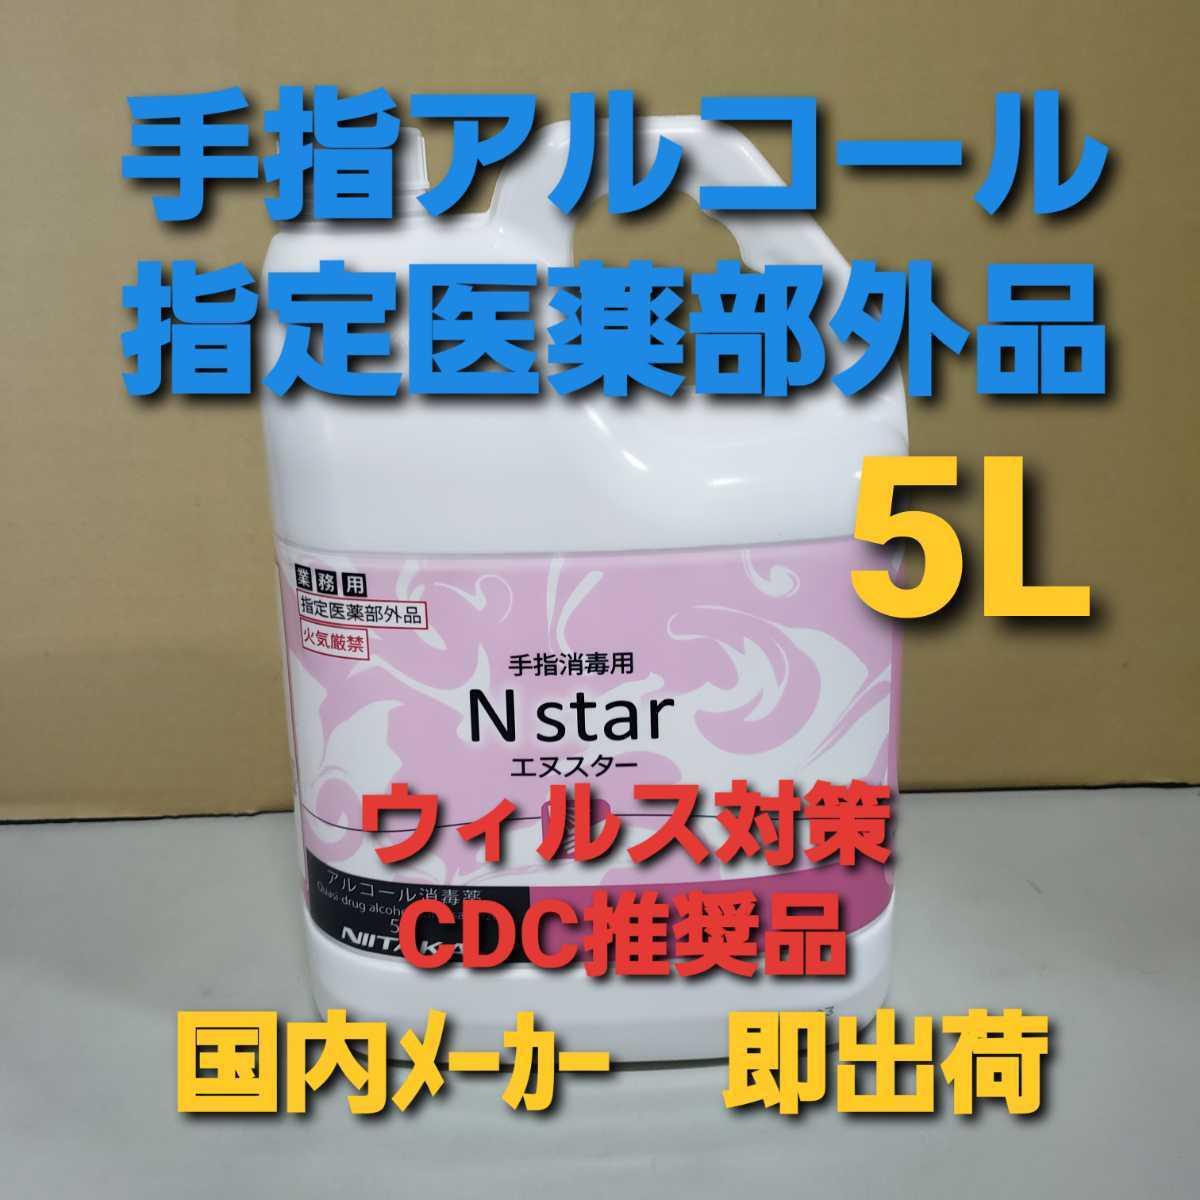 アルコール消毒液 手指消毒用 業務用 5L 指定医薬部外品 除菌 ウイルス対策2